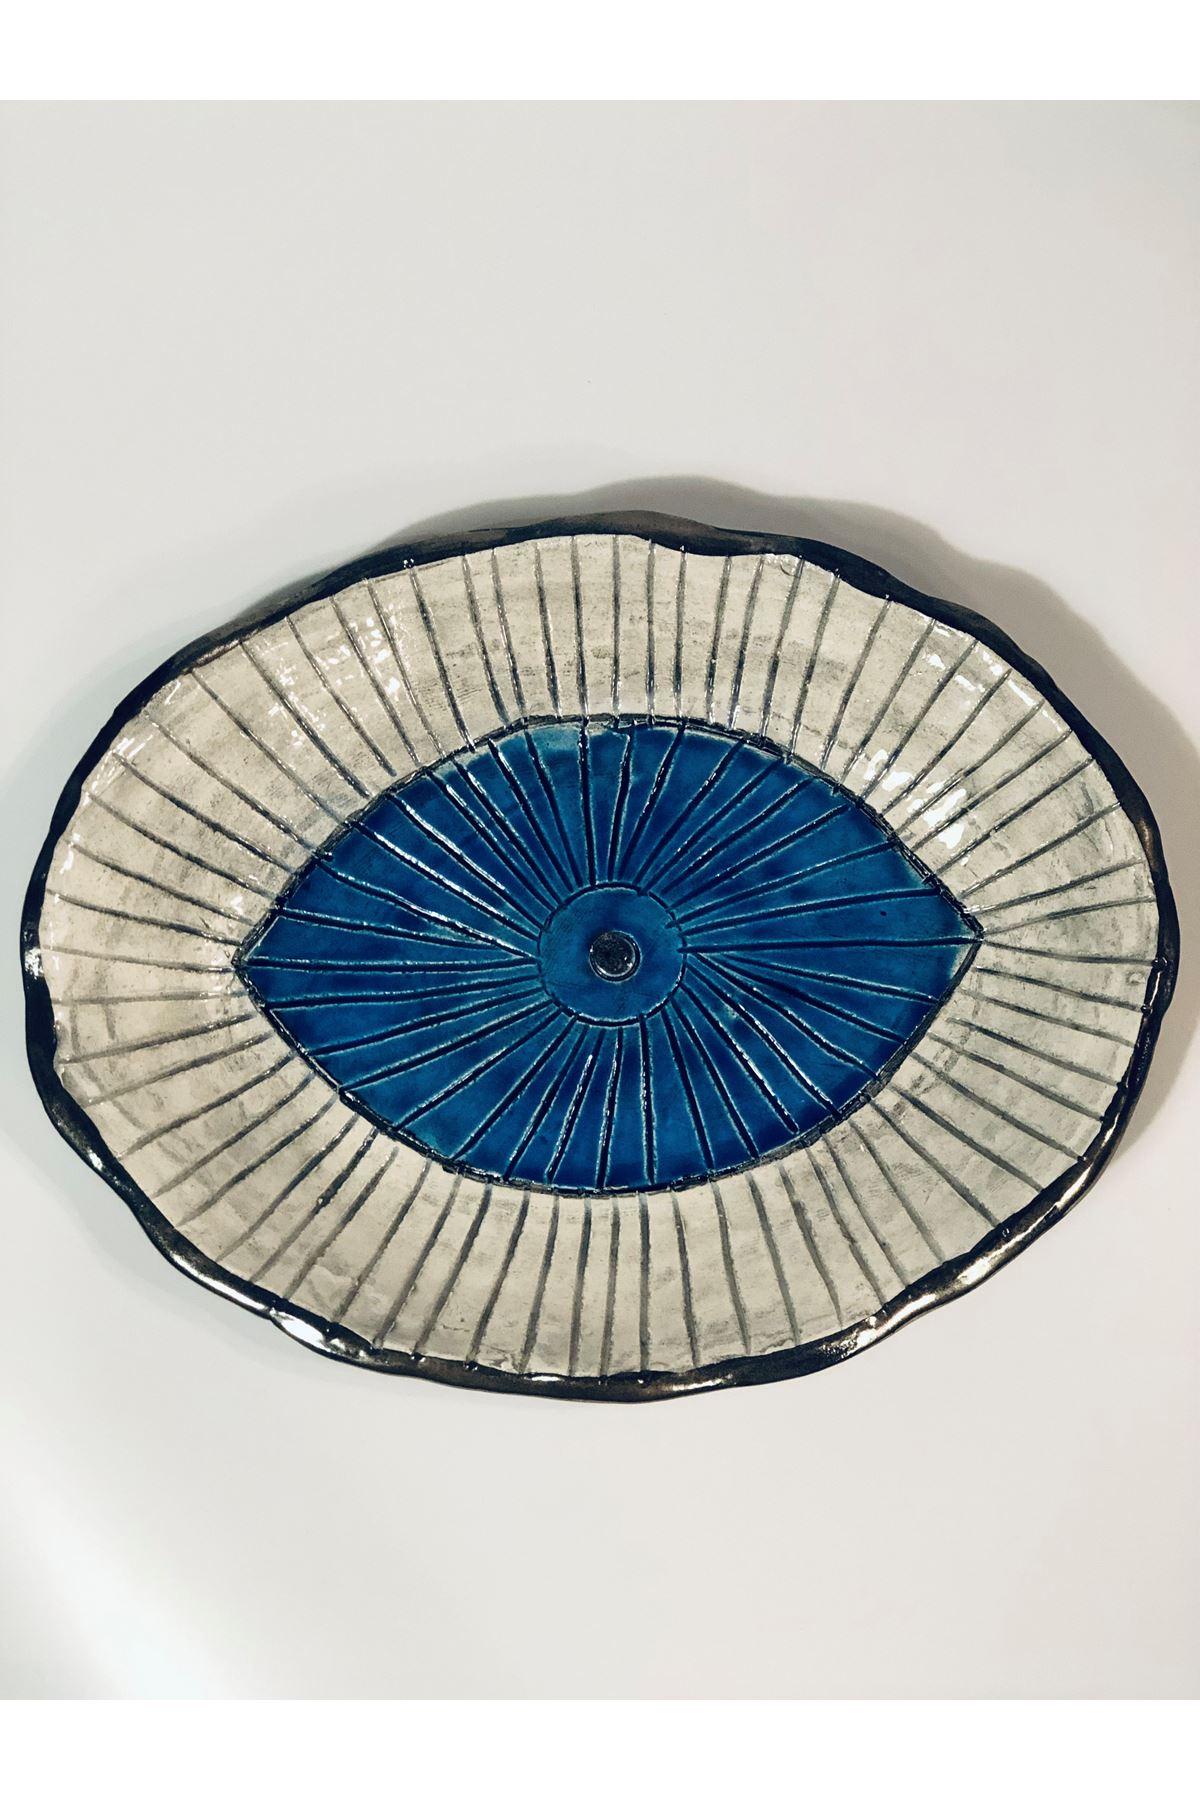 Seramık Buyuk Boy Oval Mavı Goz Kase Tuval Hedıyelık